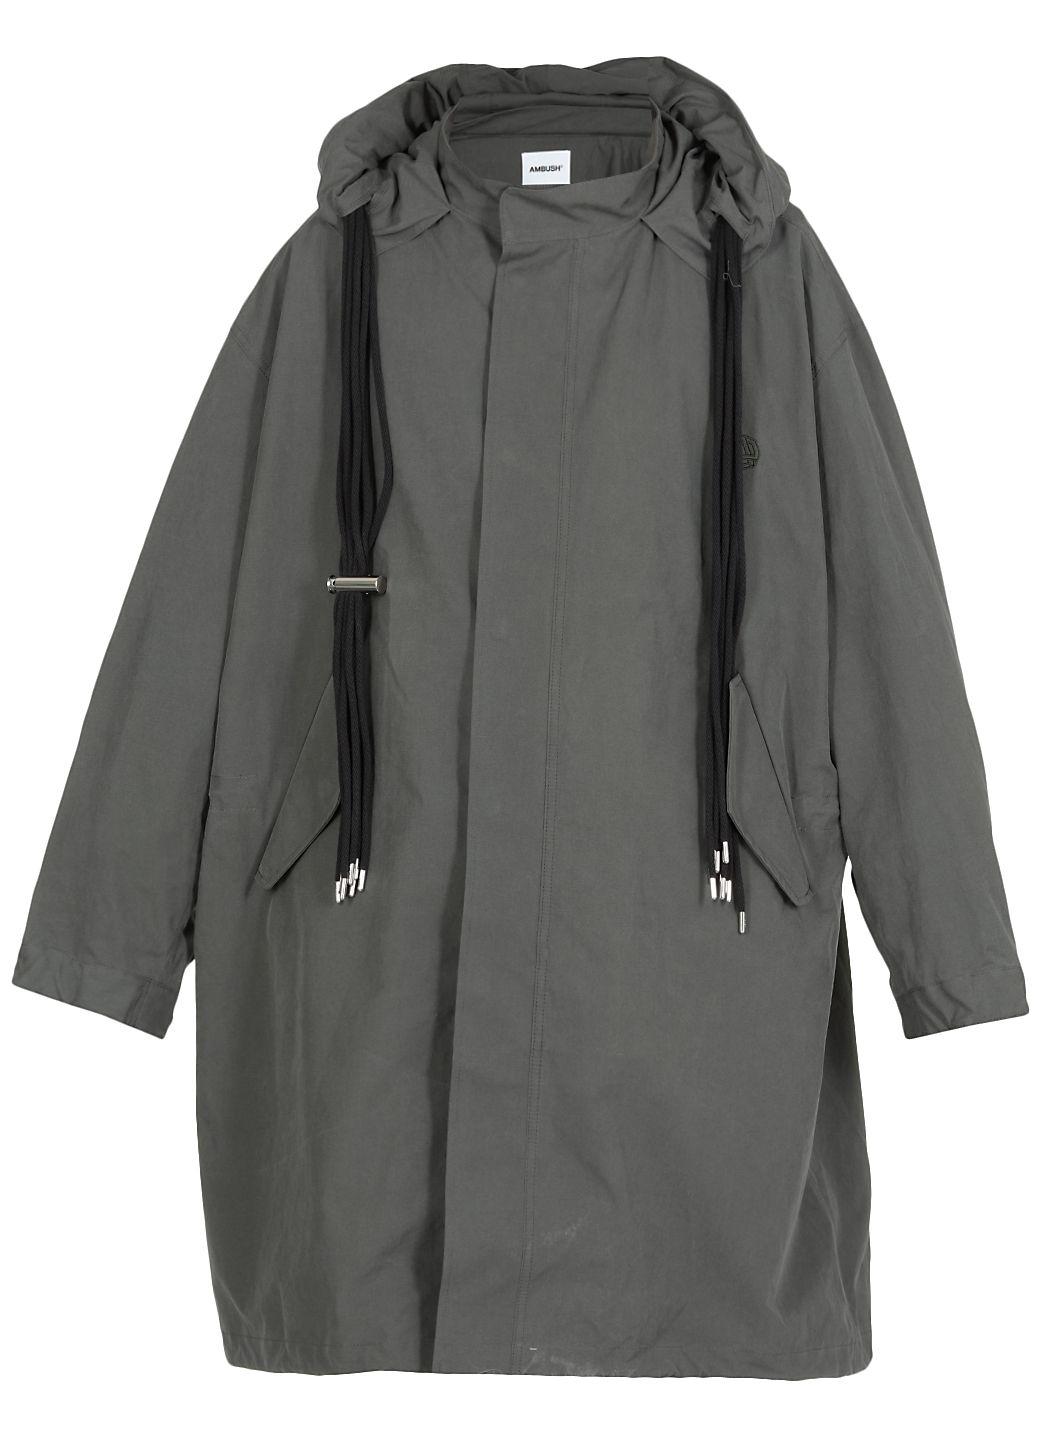 Multicord fishtail coat